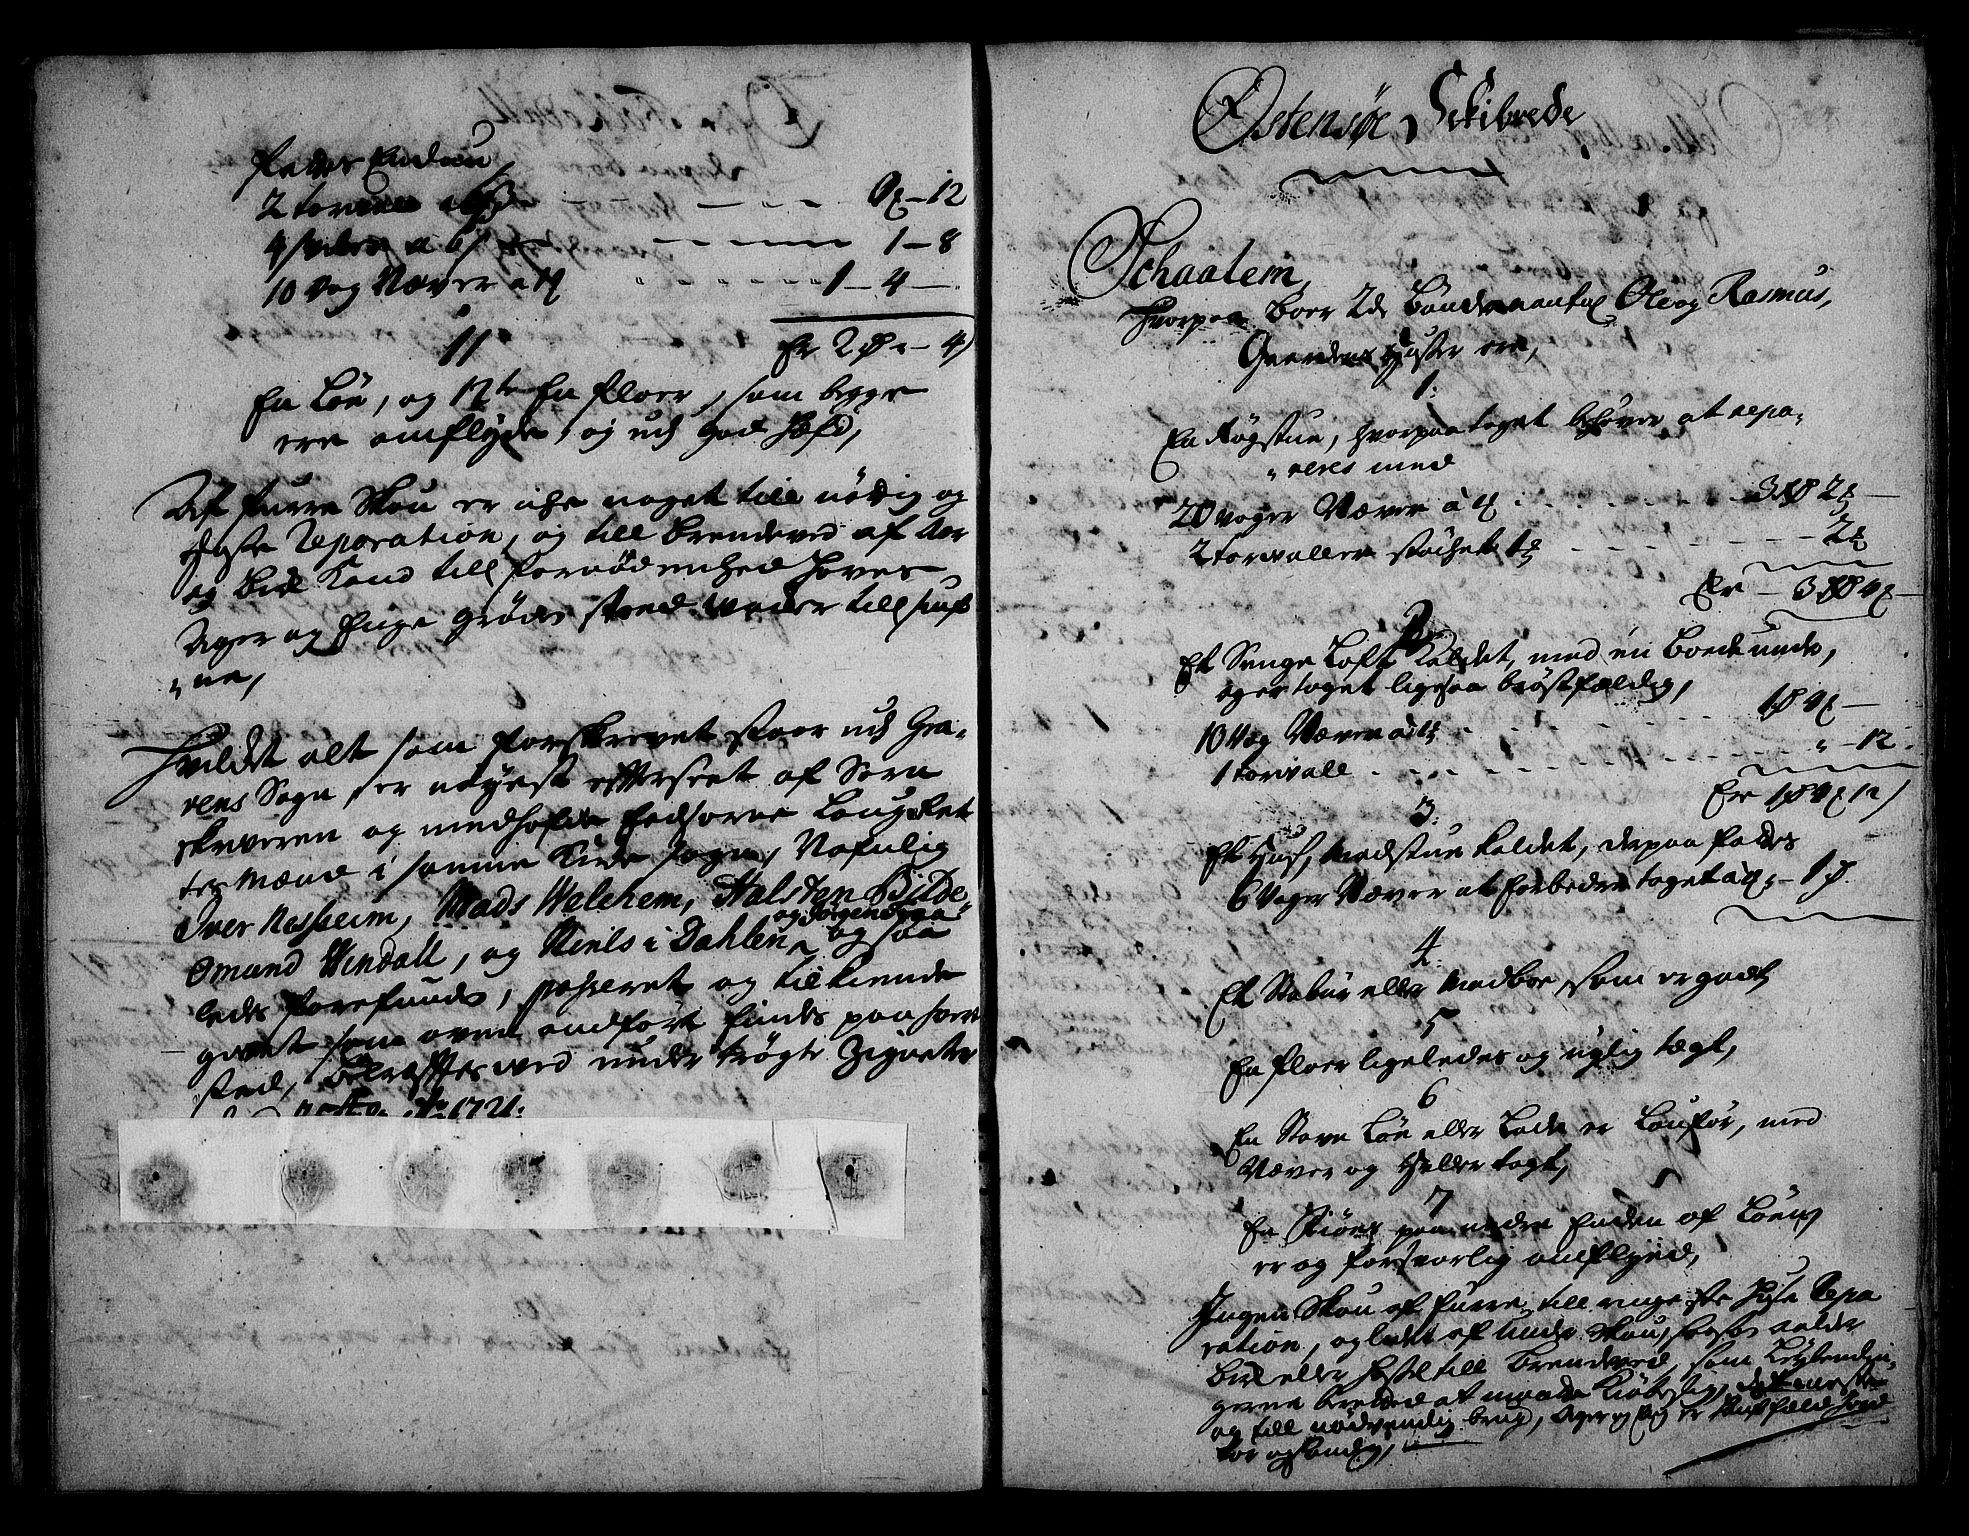 RA, Rentekammeret inntil 1814, Realistisk ordnet avdeling, On/L0003: [Jj 4]: Kommisjonsforretning over Vilhelm Hanssøns forpaktning av Halsnøy klosters gods, 1721-1729, s. 89